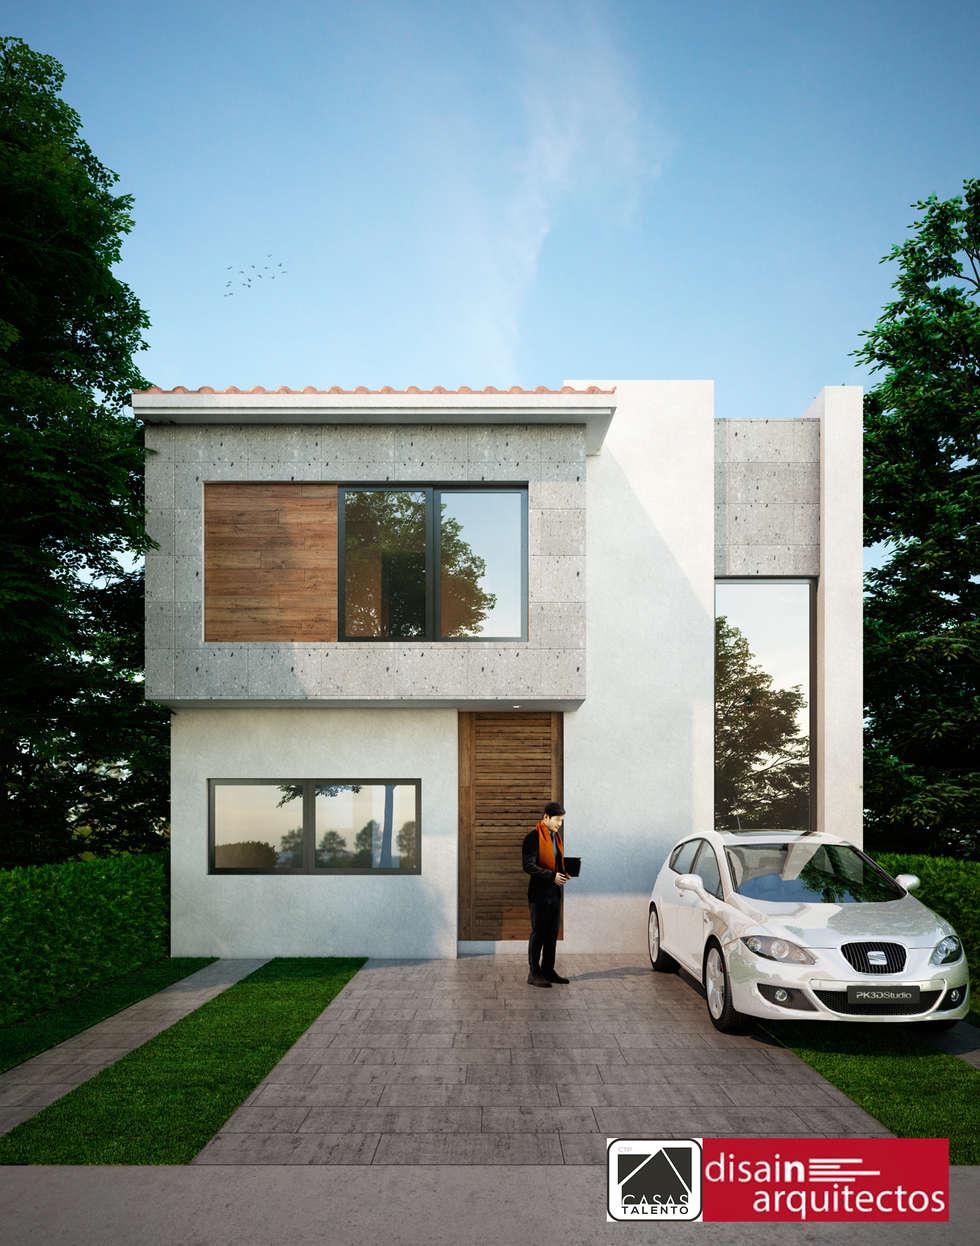 Casas TALENTO 2N Cielo: Casas de estilo moderno por disain arquitectos